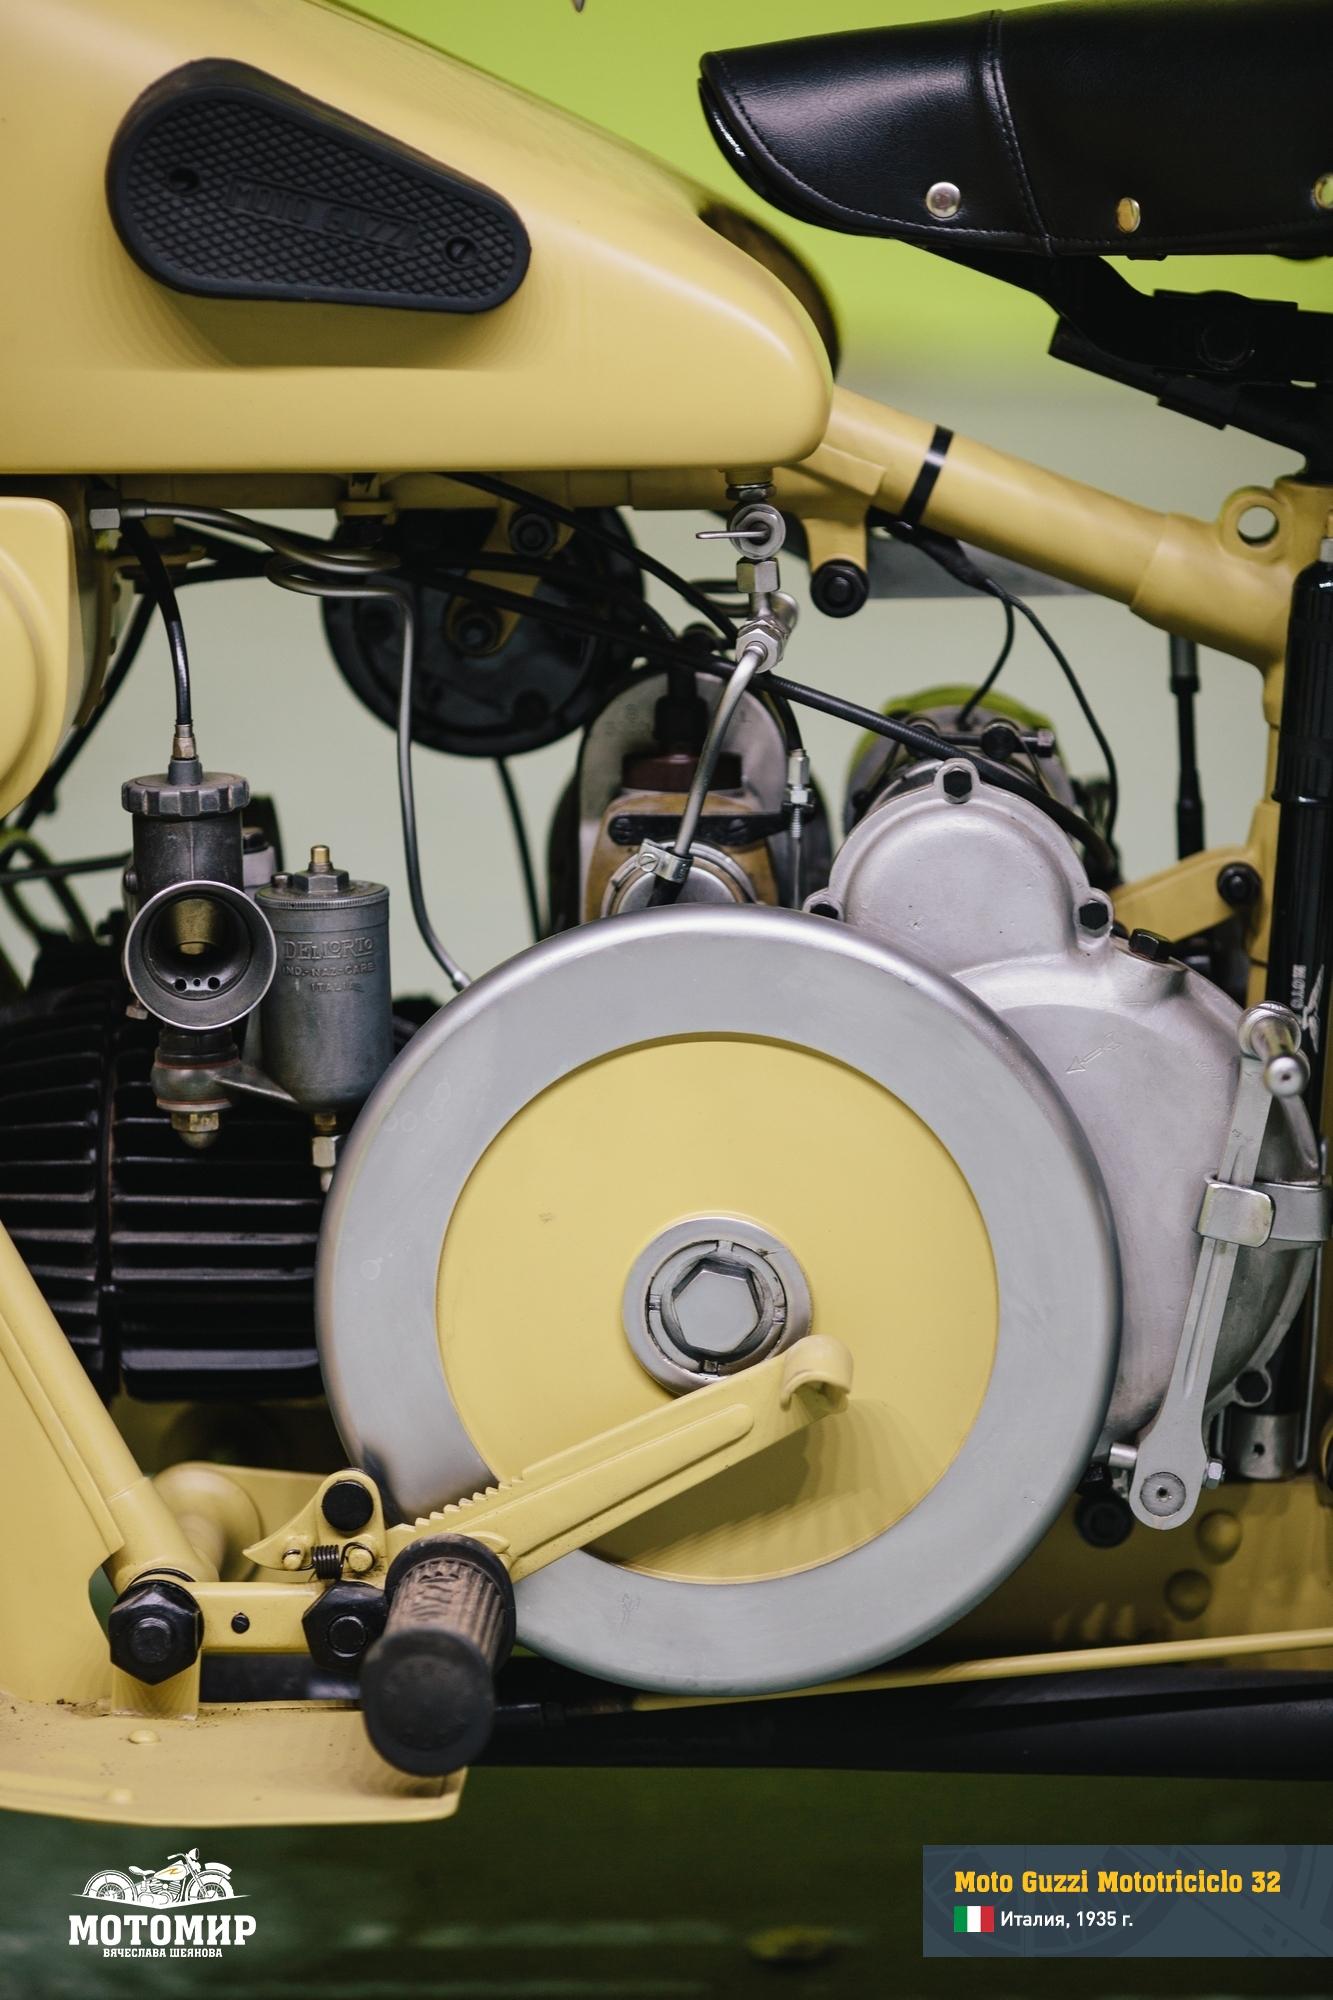 moto-guzzi-mototriciclo-32-web-21